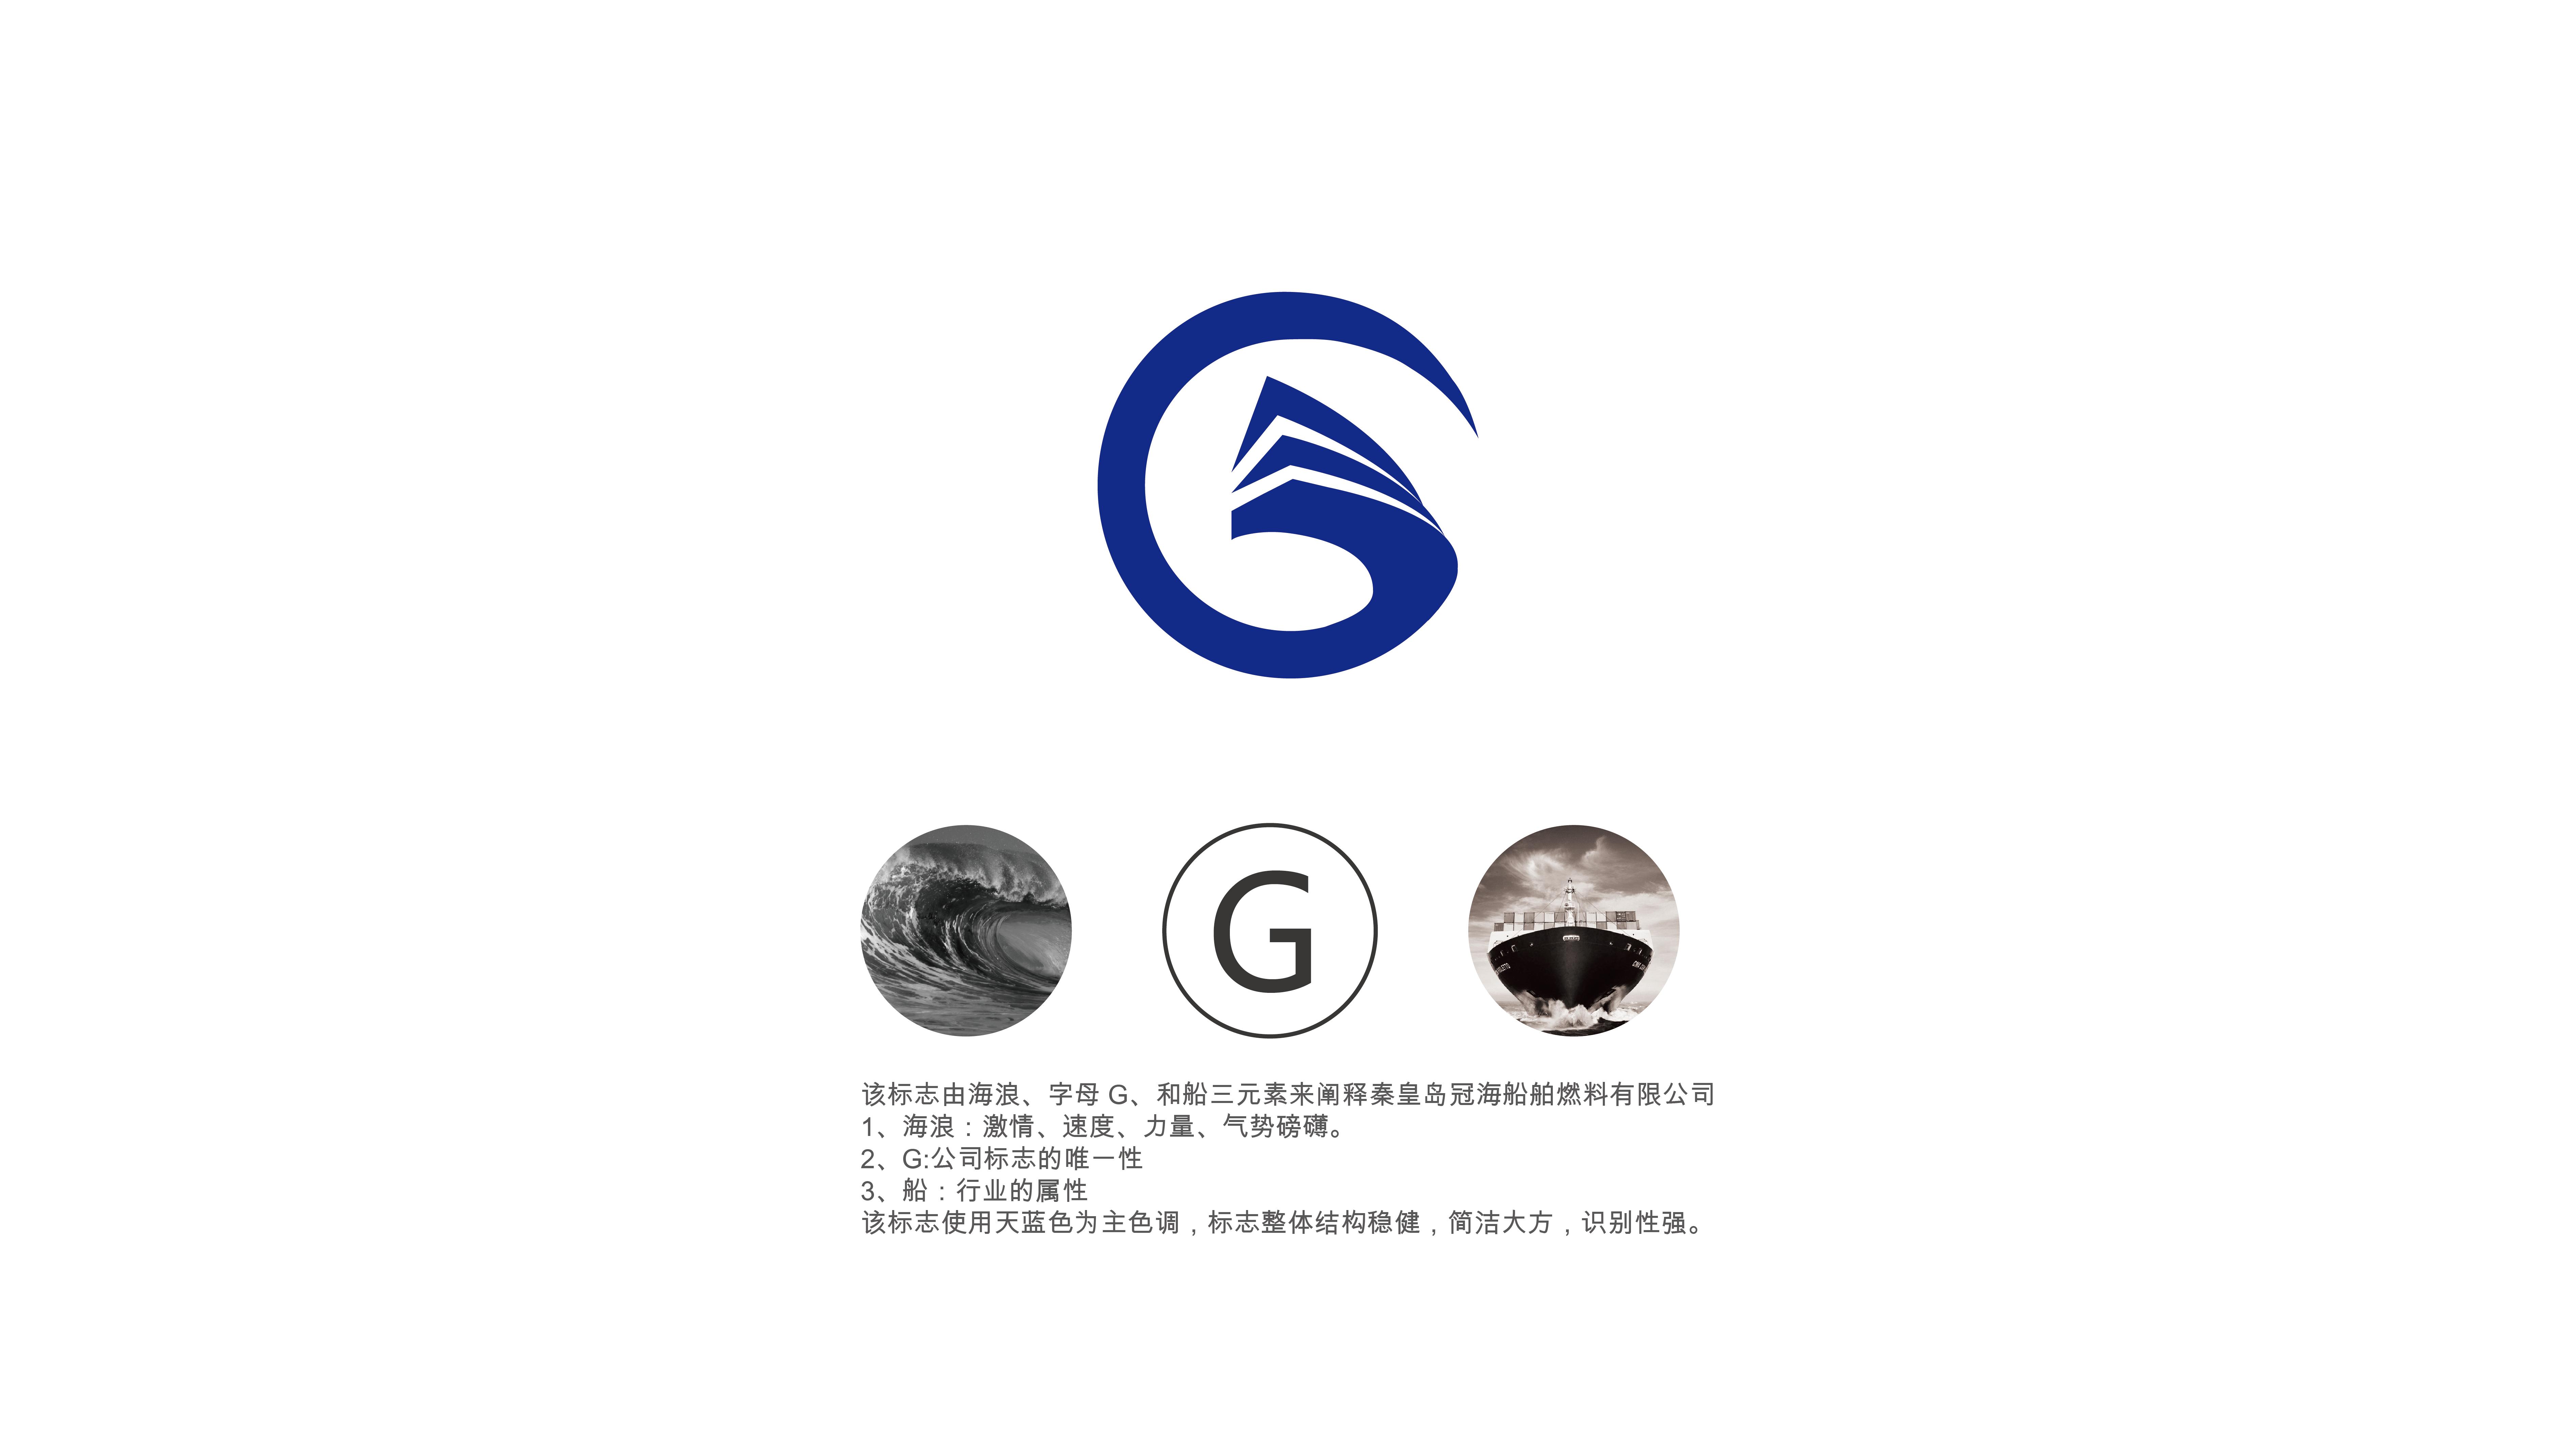 秦皇岛冠海船舶燃料有限公司logo设计|平面|标志|清酒